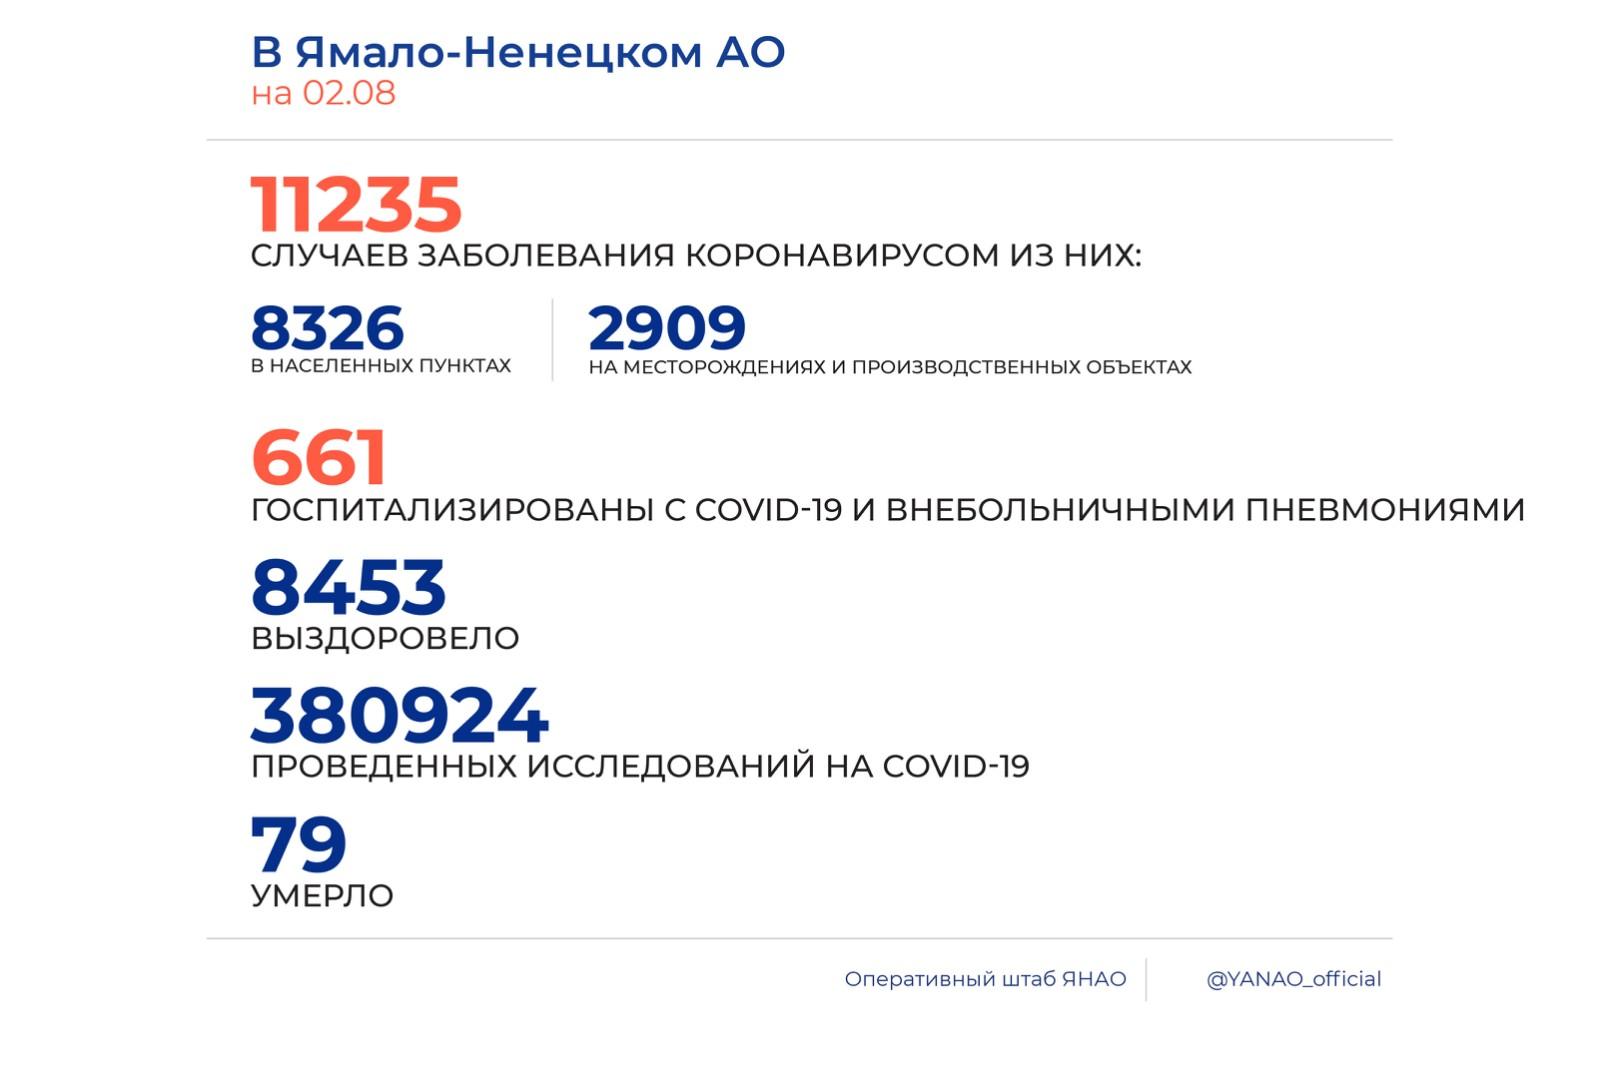 В регионе зафиксировано 108 новых случаев заражения COVID-19